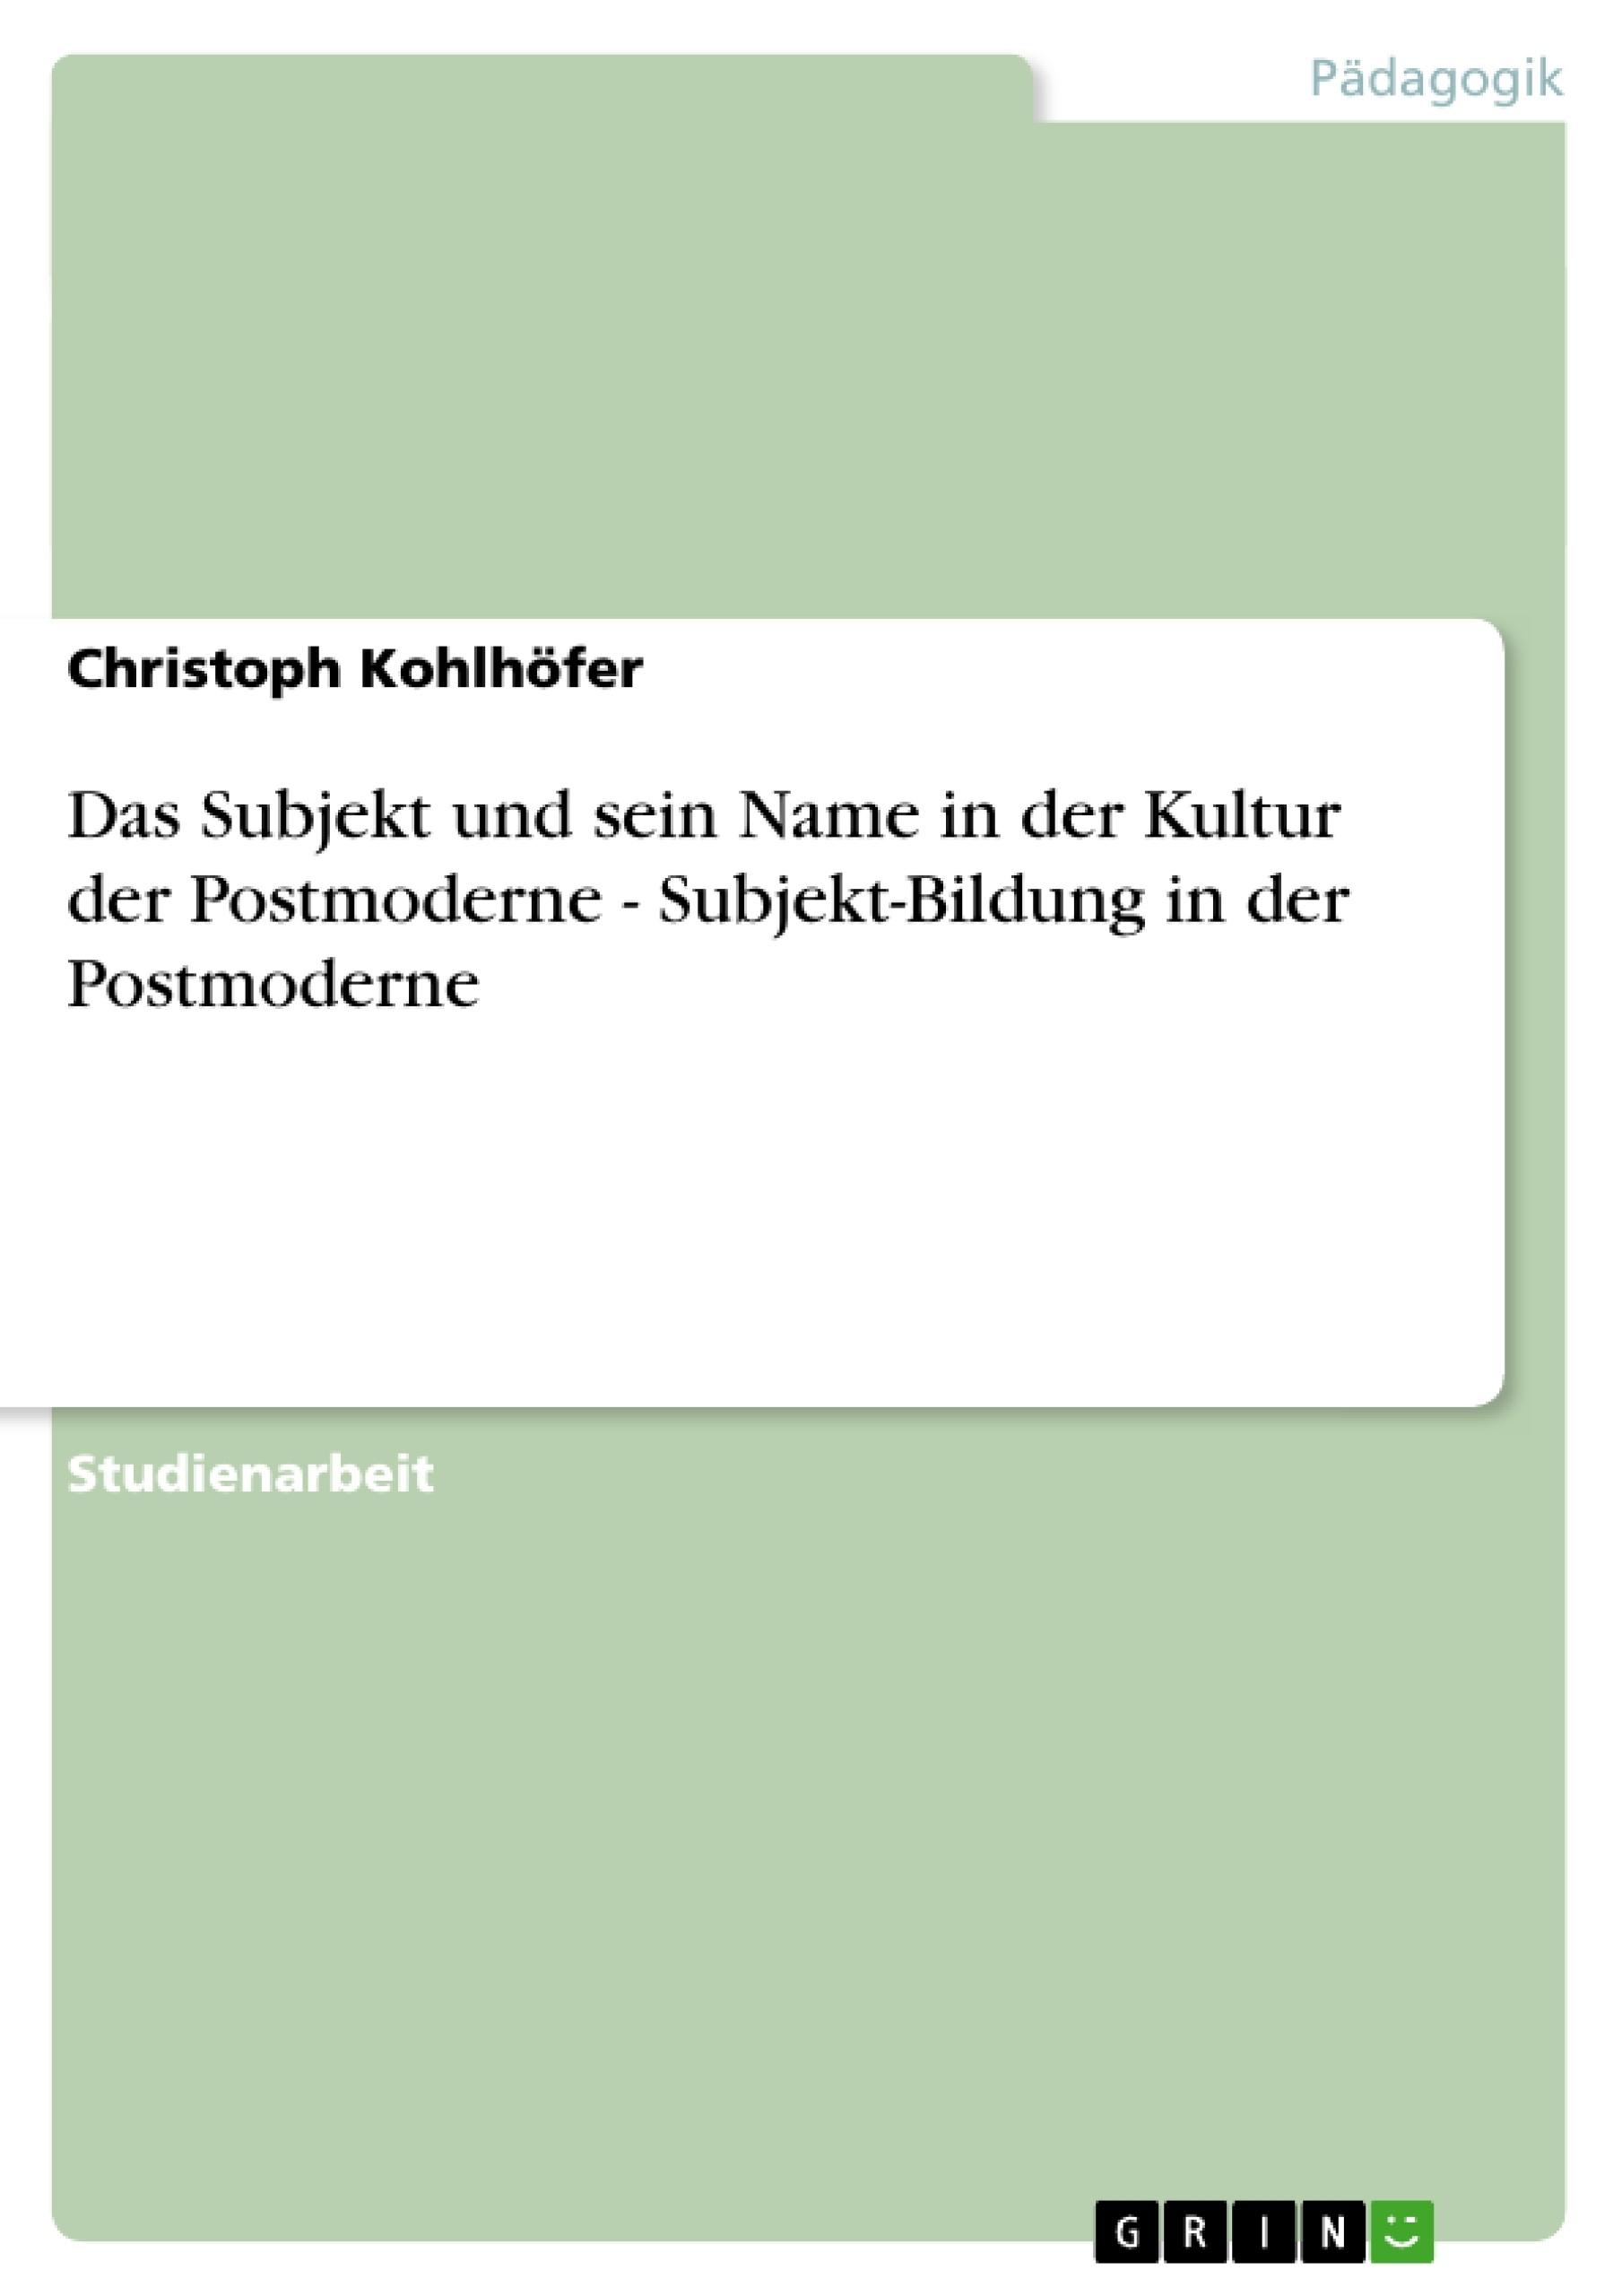 Titel: Das Subjekt und sein Name in der Kultur der Postmoderne - Subjekt-Bildung in der Postmoderne